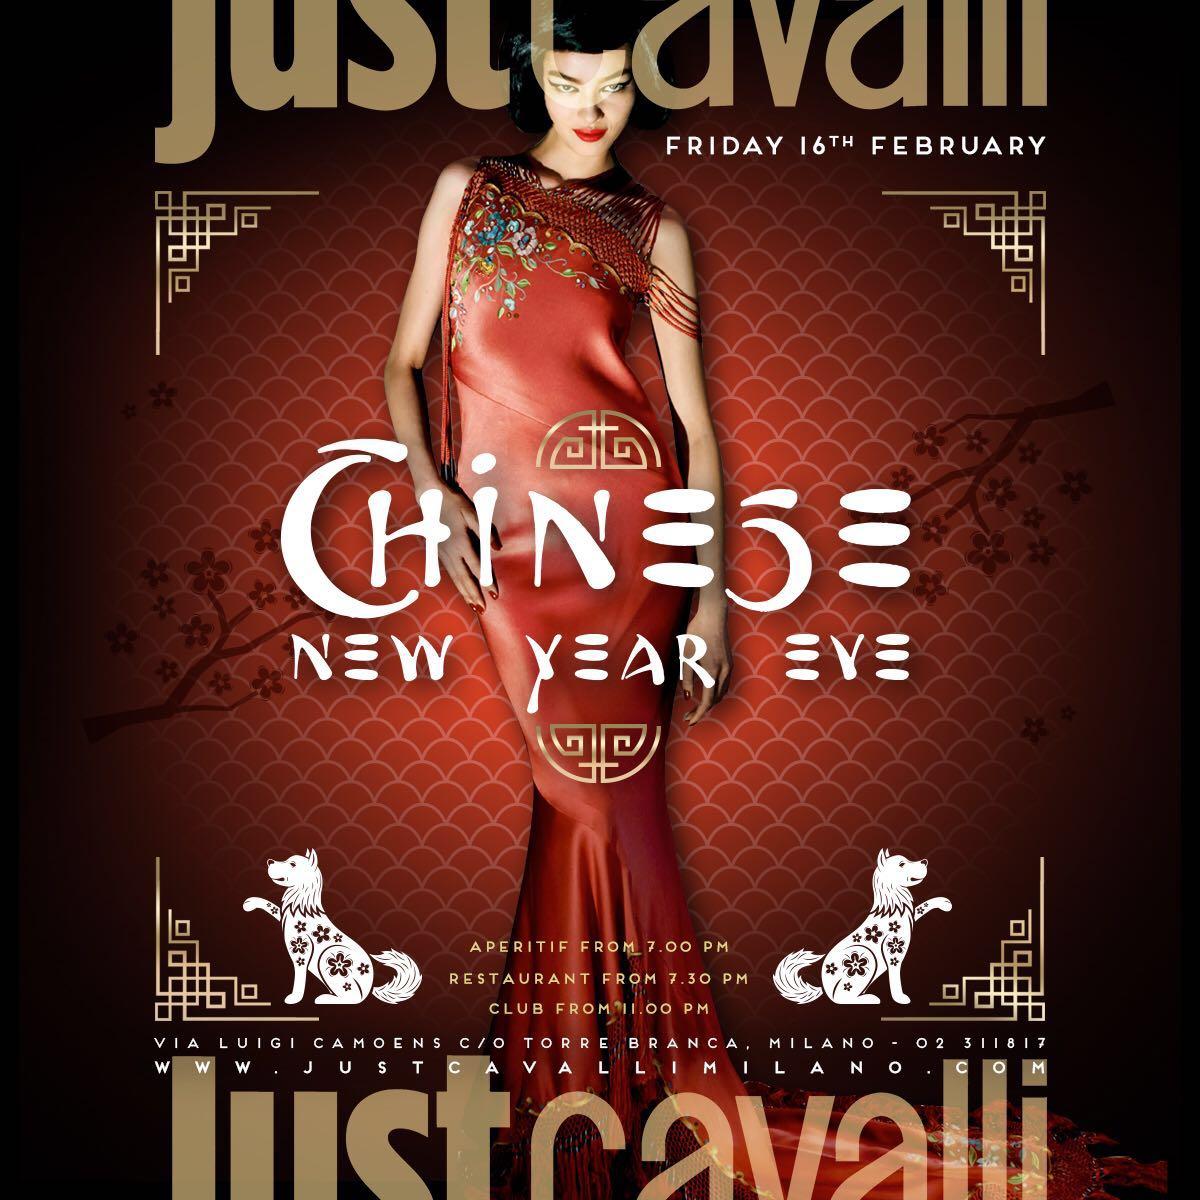 Foto: Venerdì Just Cavalli Milano Capodanno cinese